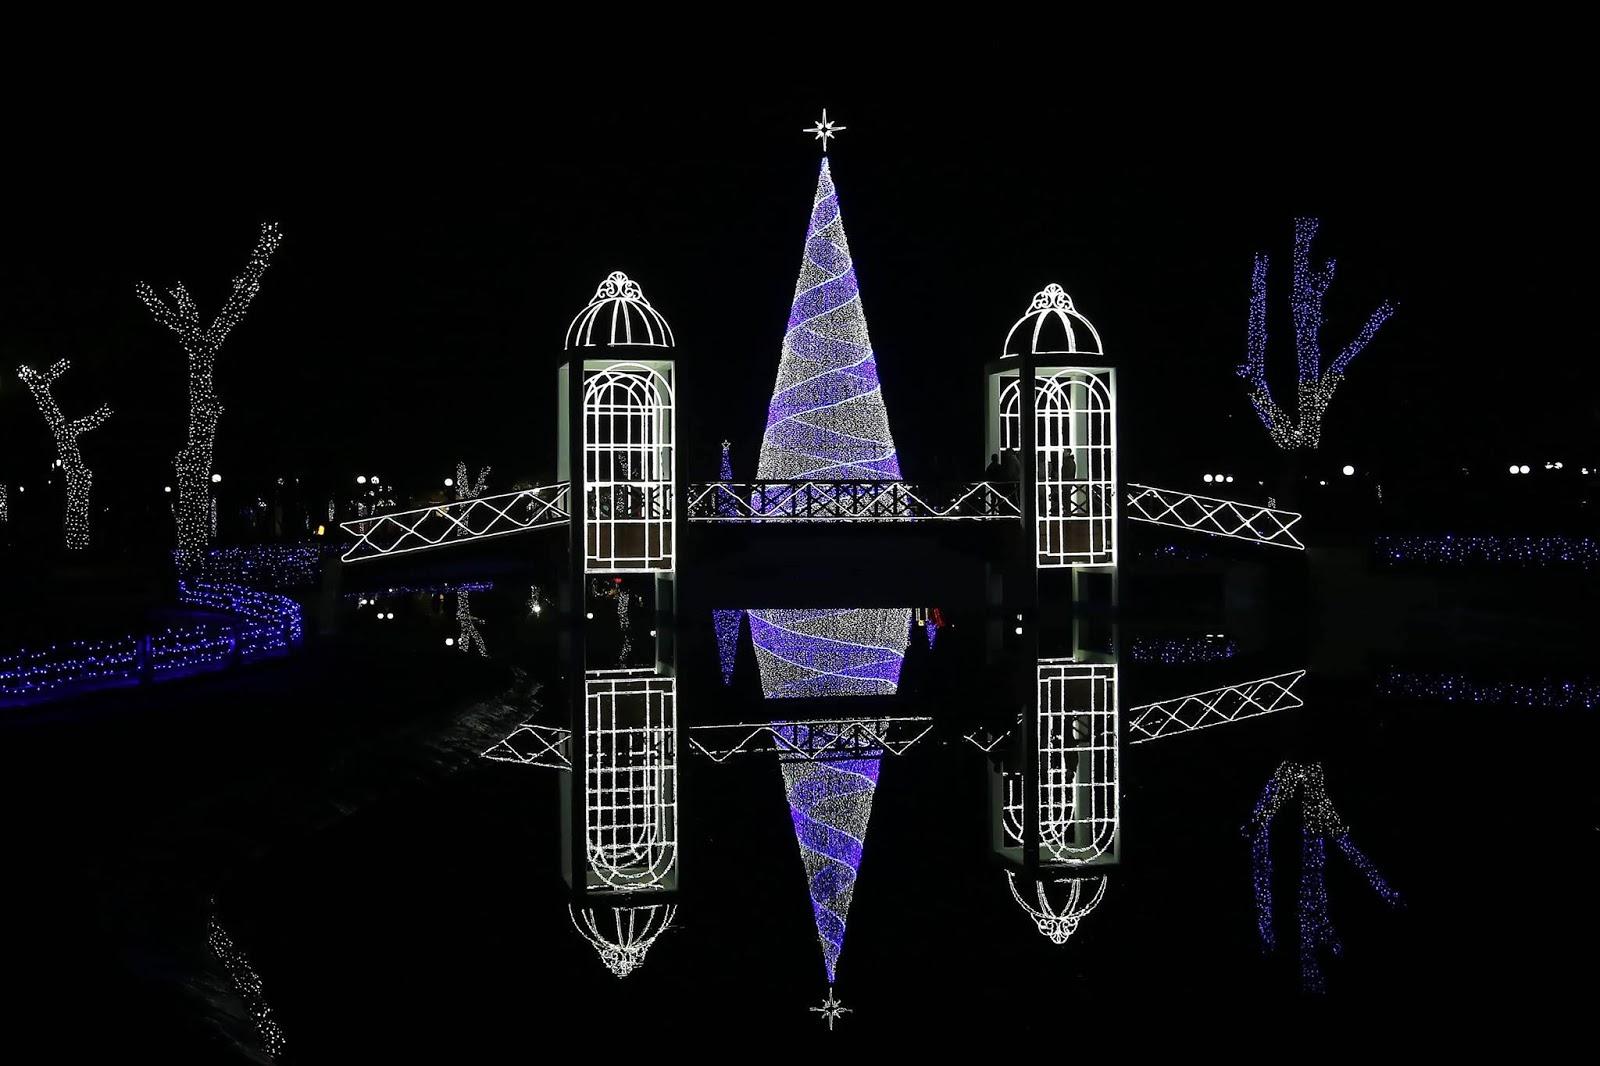 Aνοίγει τις πύλες του το «Πάρκο των Ευχών» στην Λάρισα (ΦΩΤΟ)